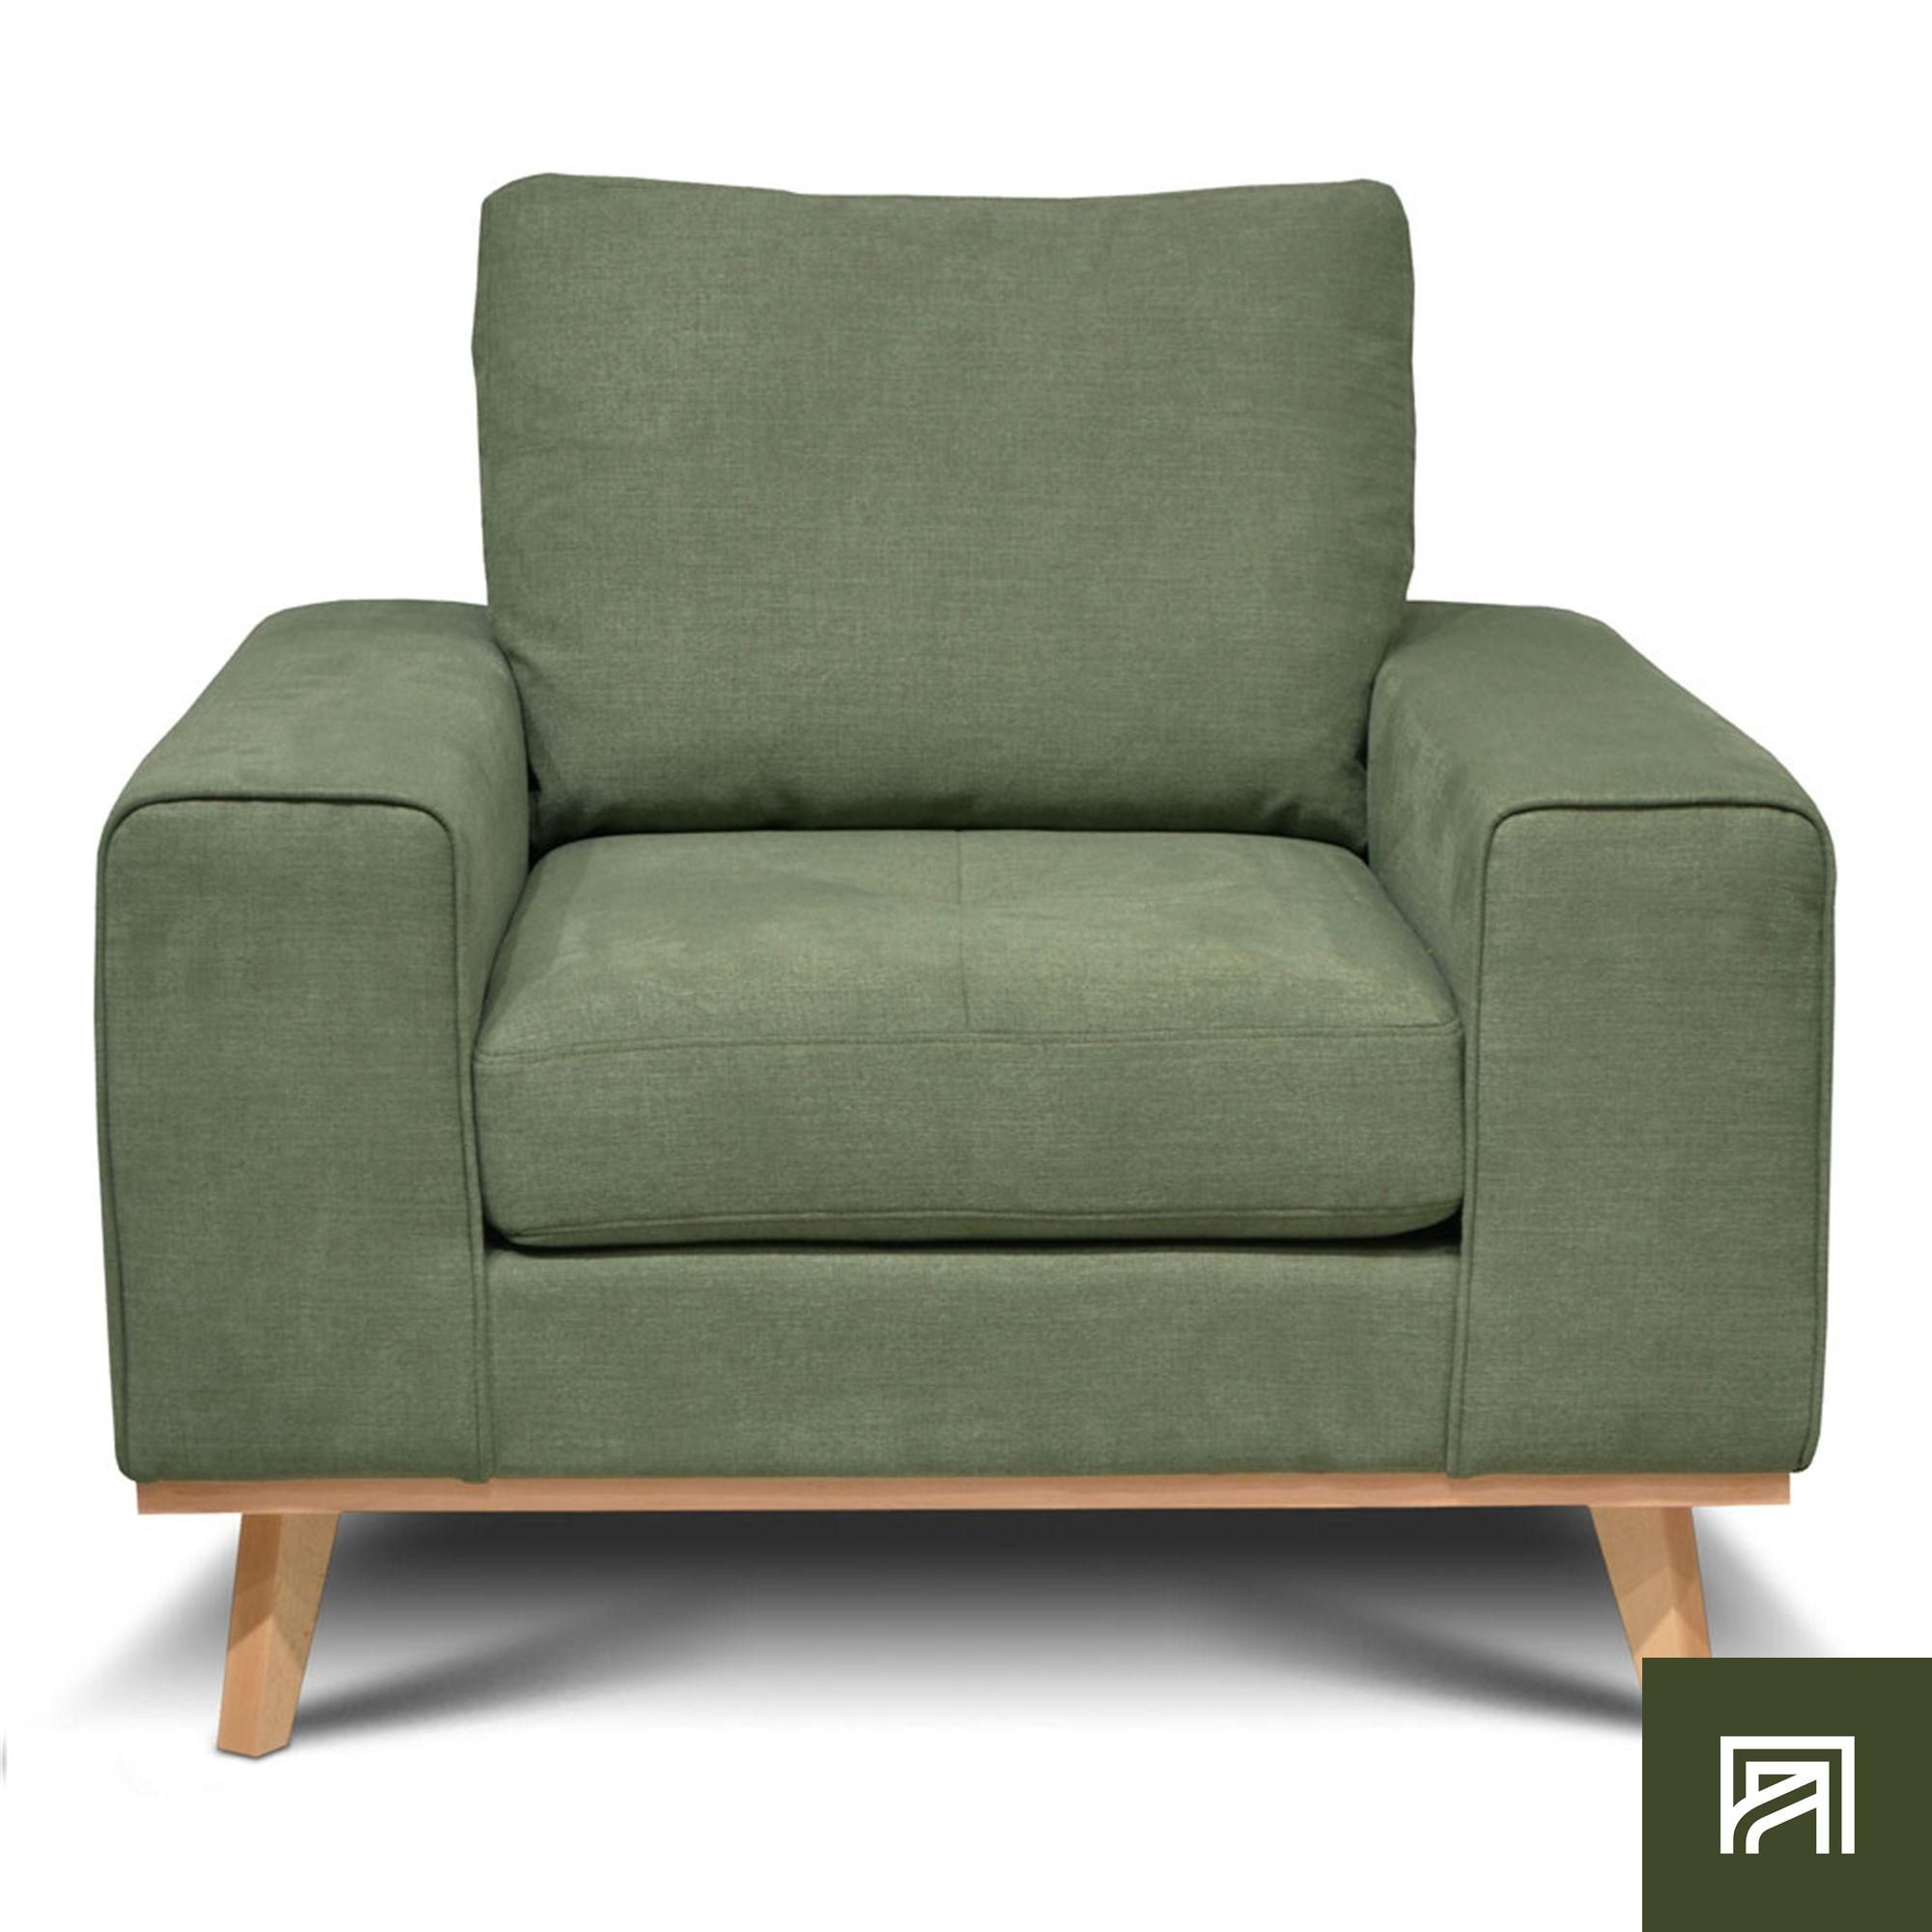 Alinea : Picabia Fauteuil En Tissu Vert Kaki - #alinea ... à Alinea Fauteuil